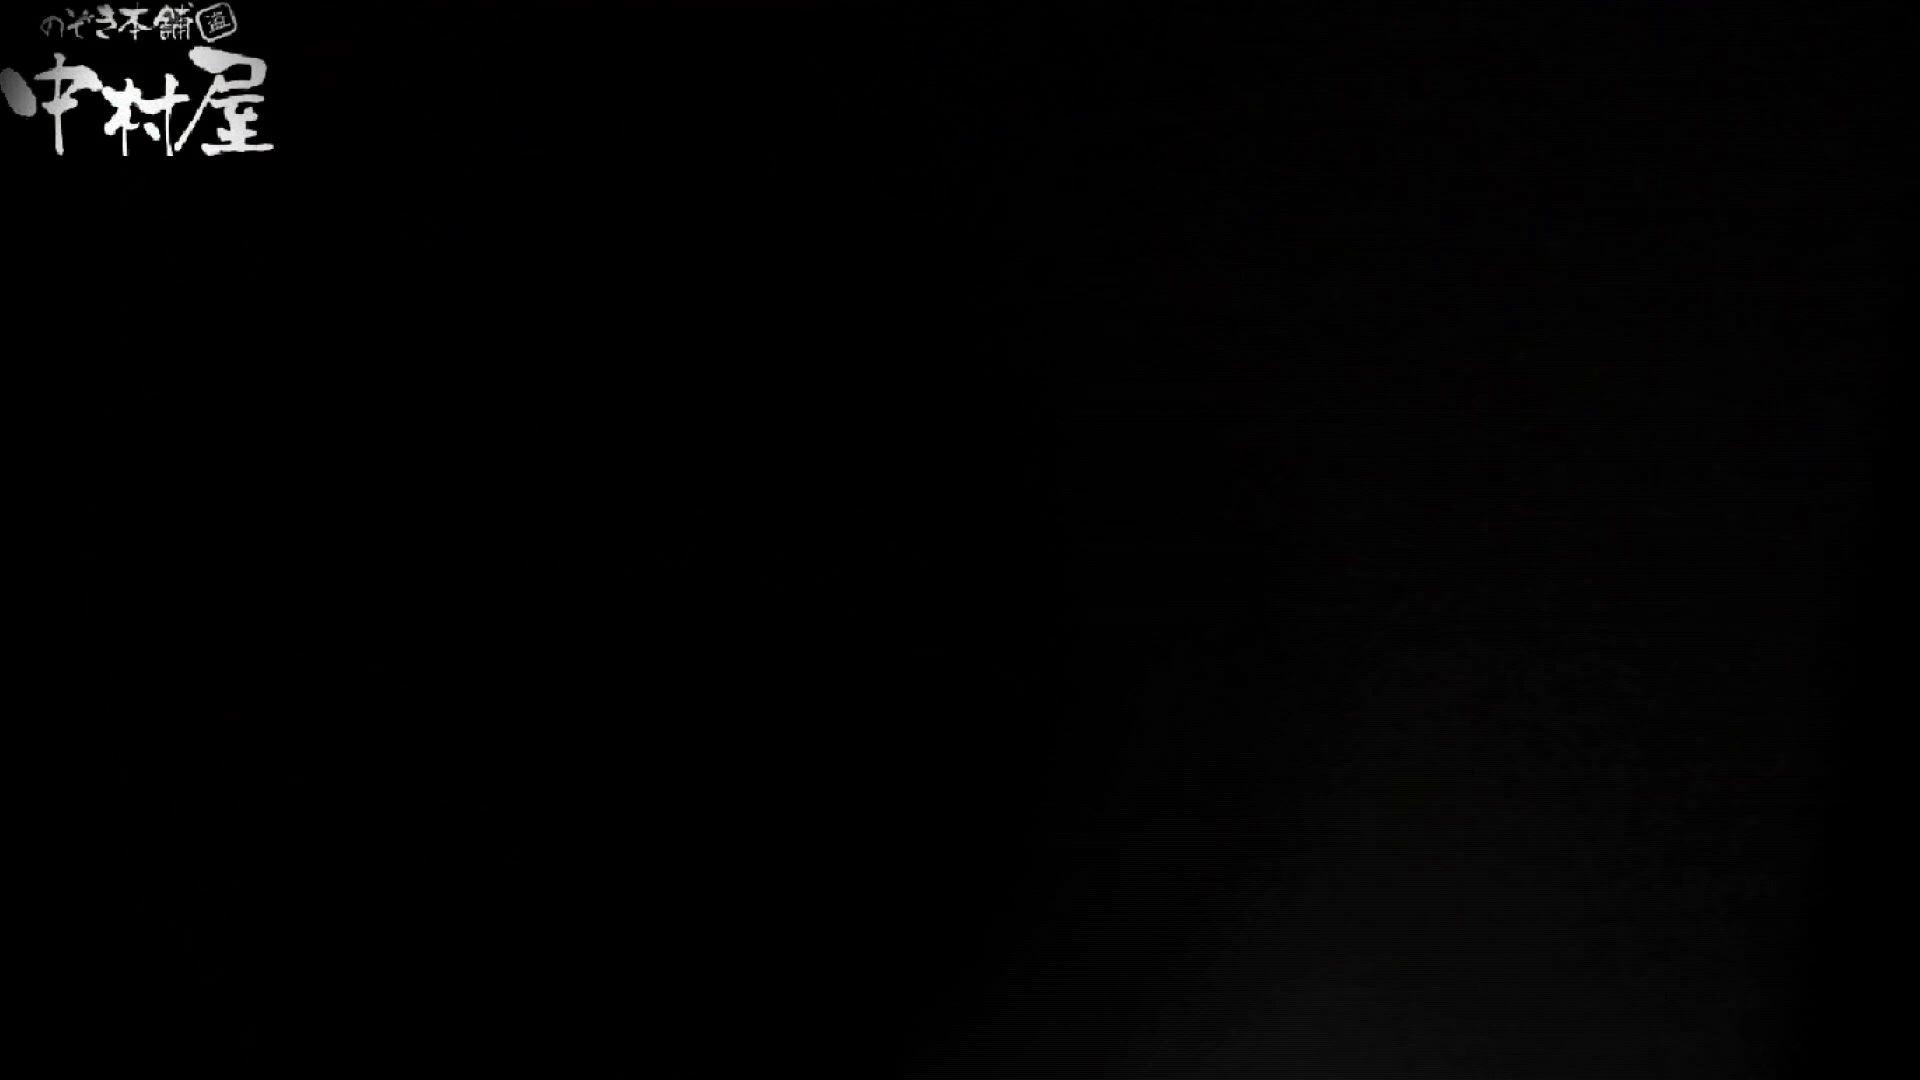 世界の射窓から~ステーション編~vol40 更に画質アップ!! OLハメ撮り  49Pix 24